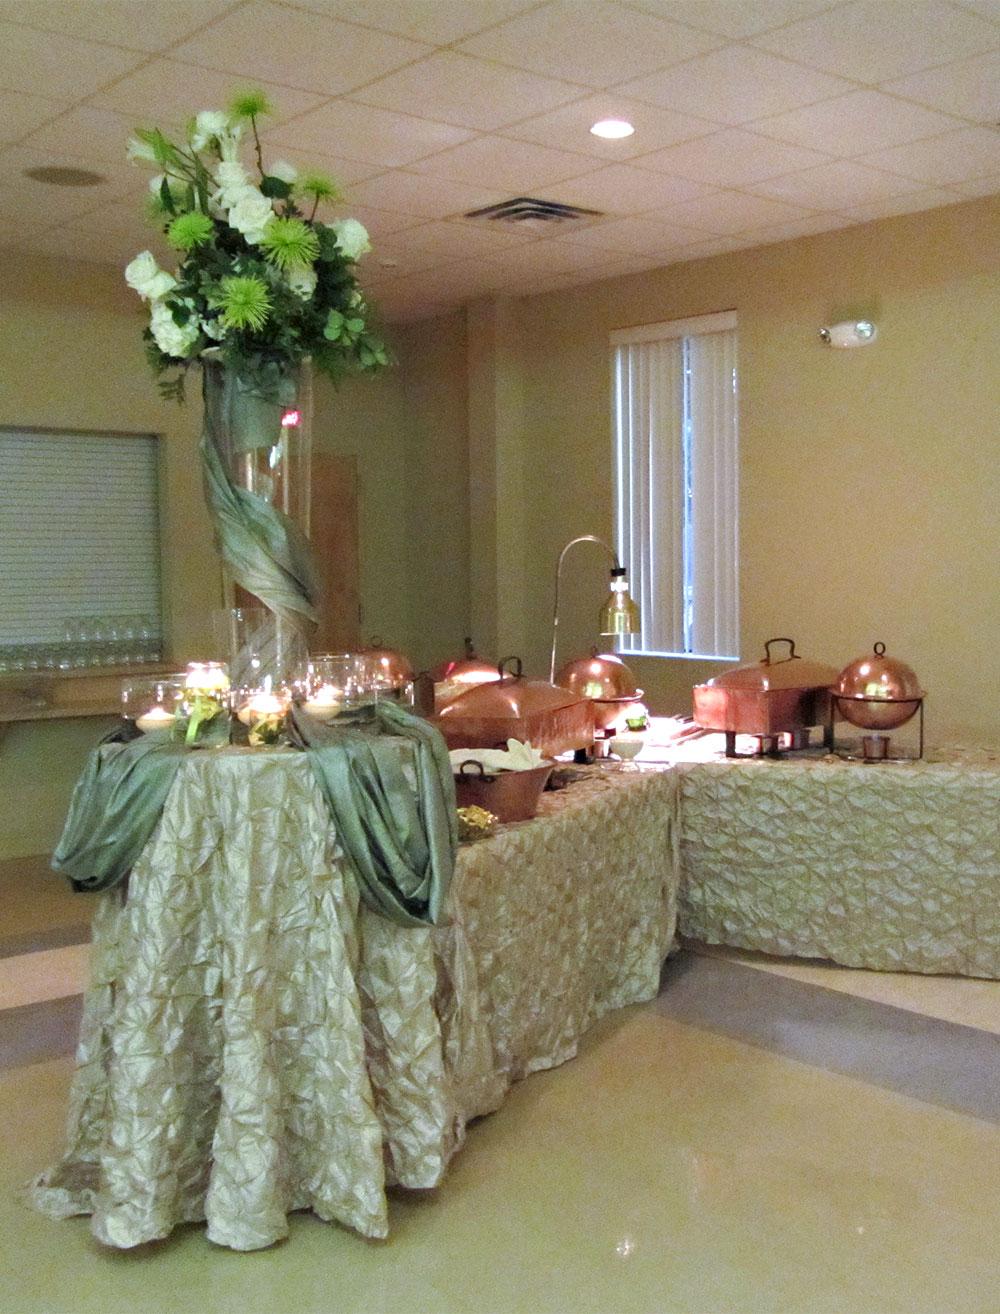 Christopher Hall - San Antonio Weddings - Outside Vendors Welcome